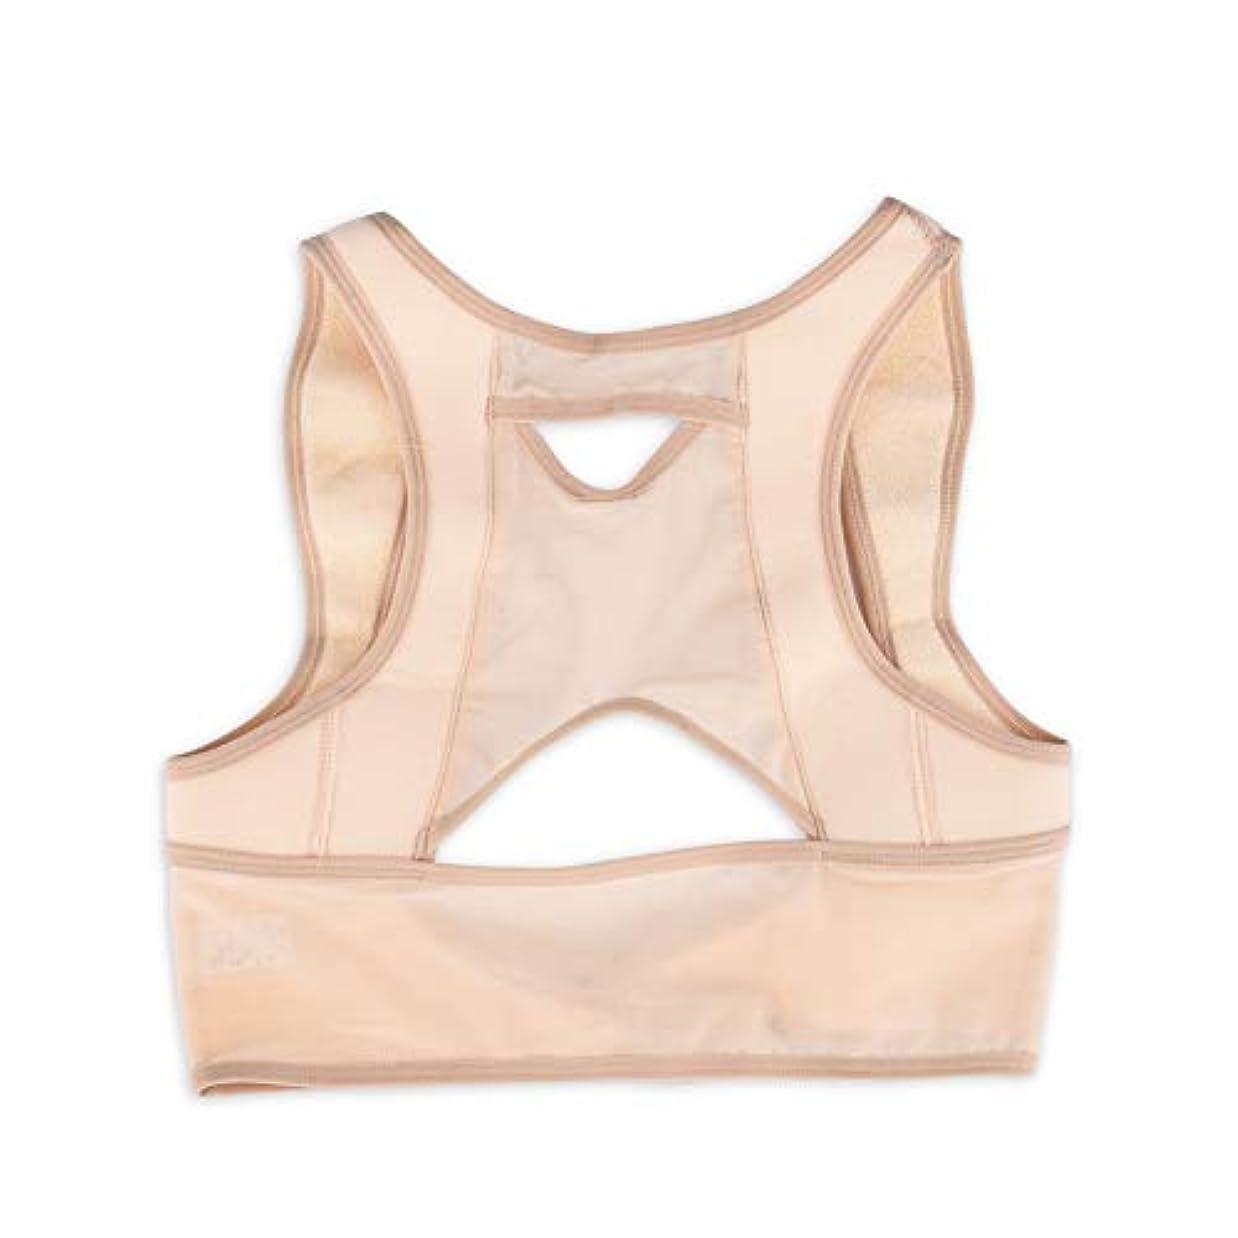 姿勢補正器の不可視性女性背部姿勢補正器上部肩背骨鎖骨サポートベルト整形外科コルセット